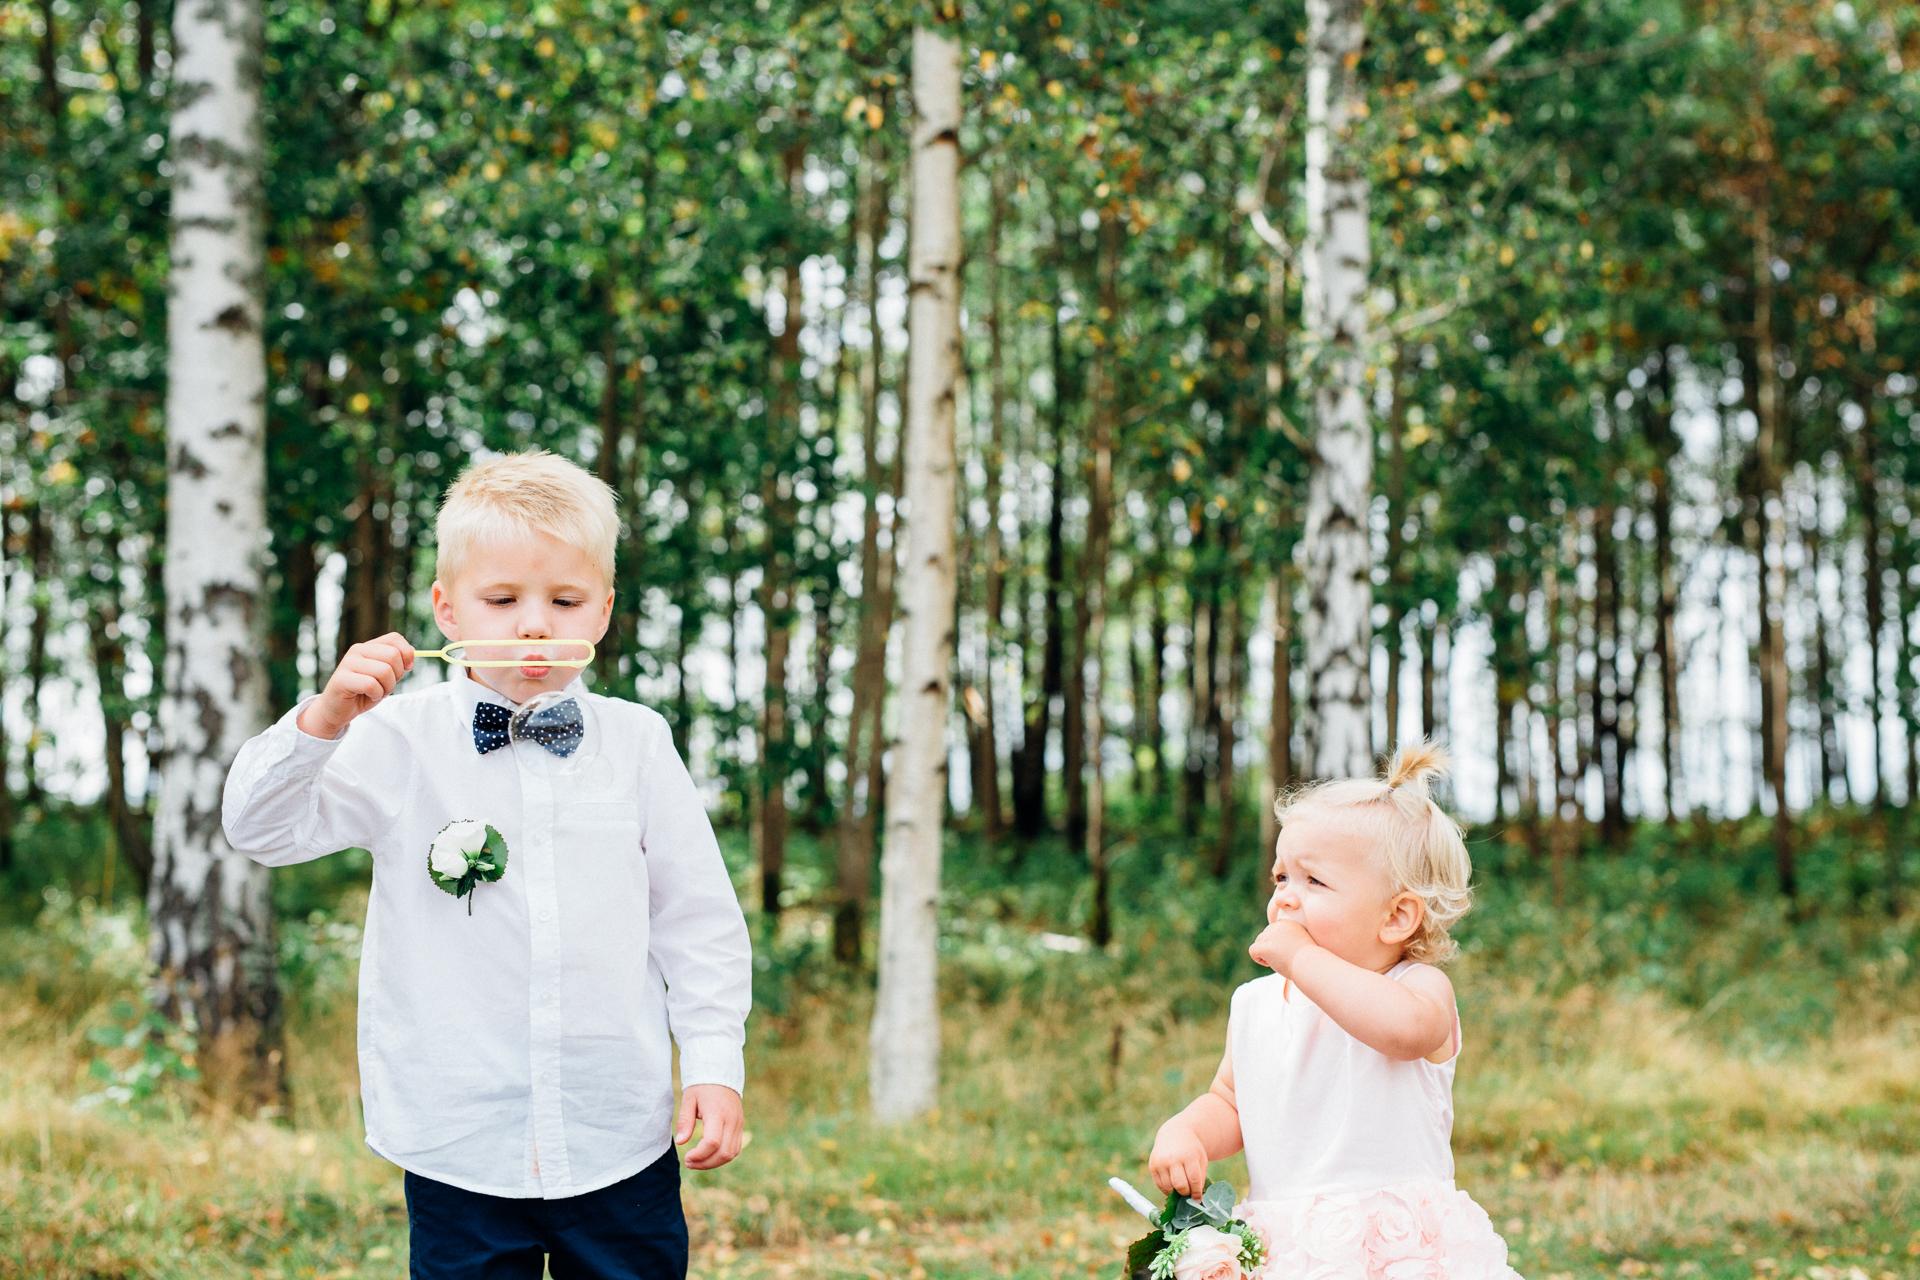 Barnen leker med såpbubblor. Josefin och Jimmy gifte sig den 5 augusti 2017 i Norrstrands kyrka. Fotograferades av bröllopsfotografen Sofia Röjder / Lyckliga Stunder